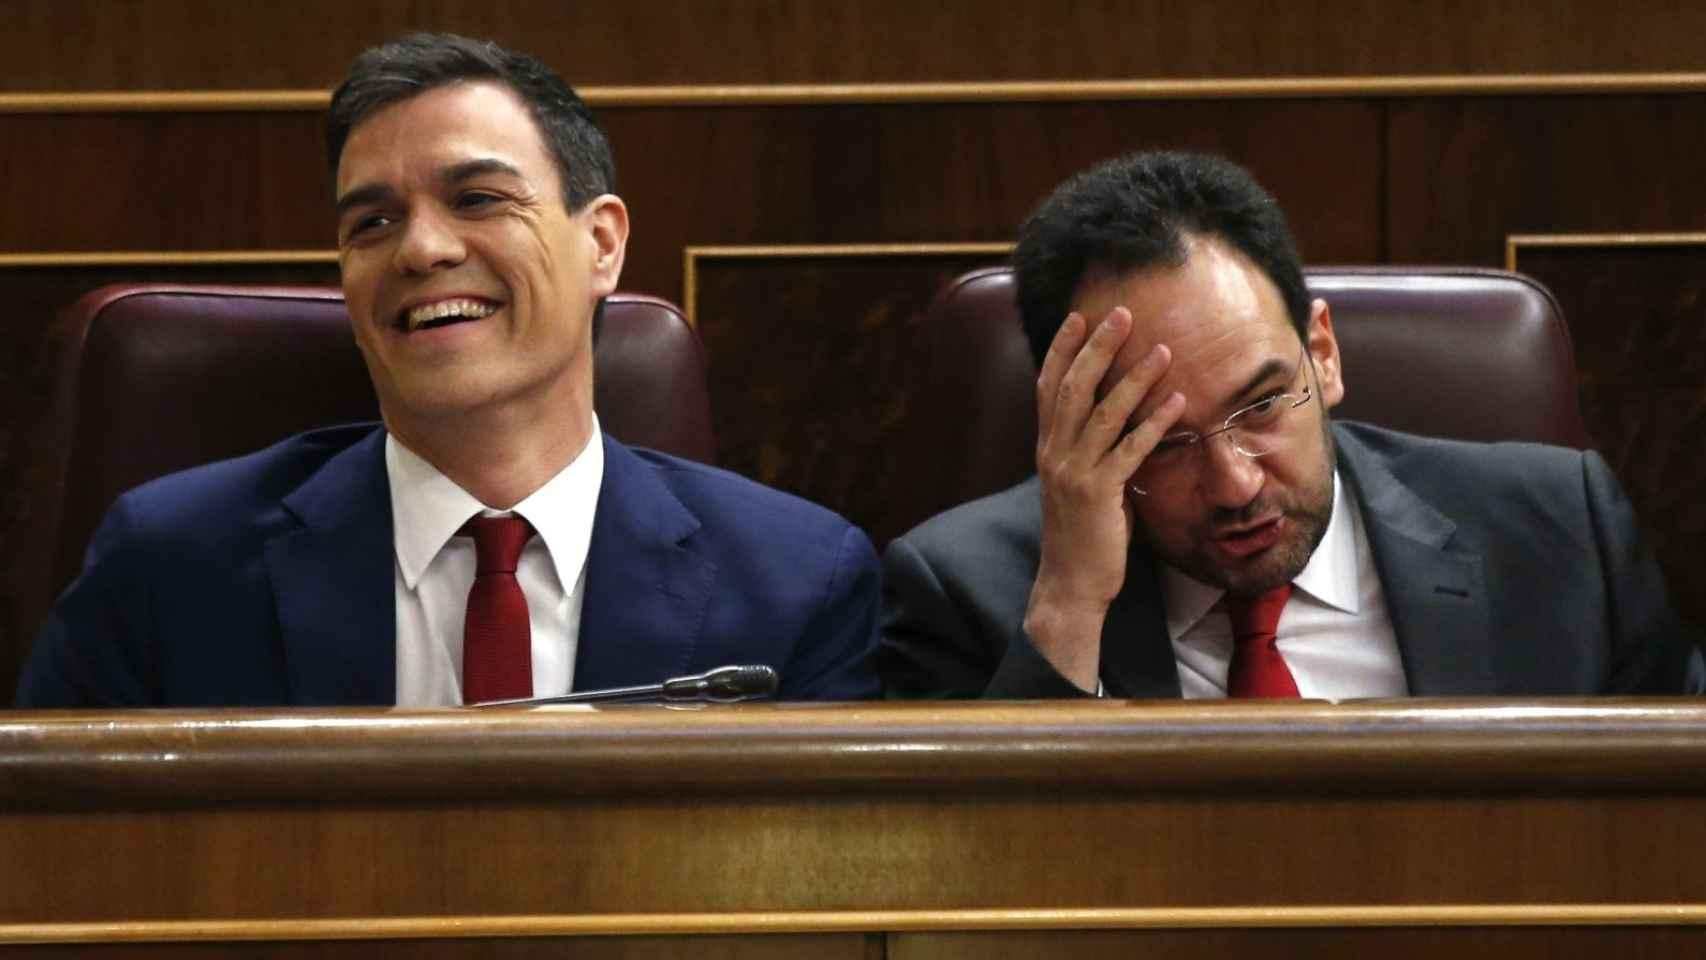 Los políticos socialistas reaccionan ante la intervención de Rajoy.